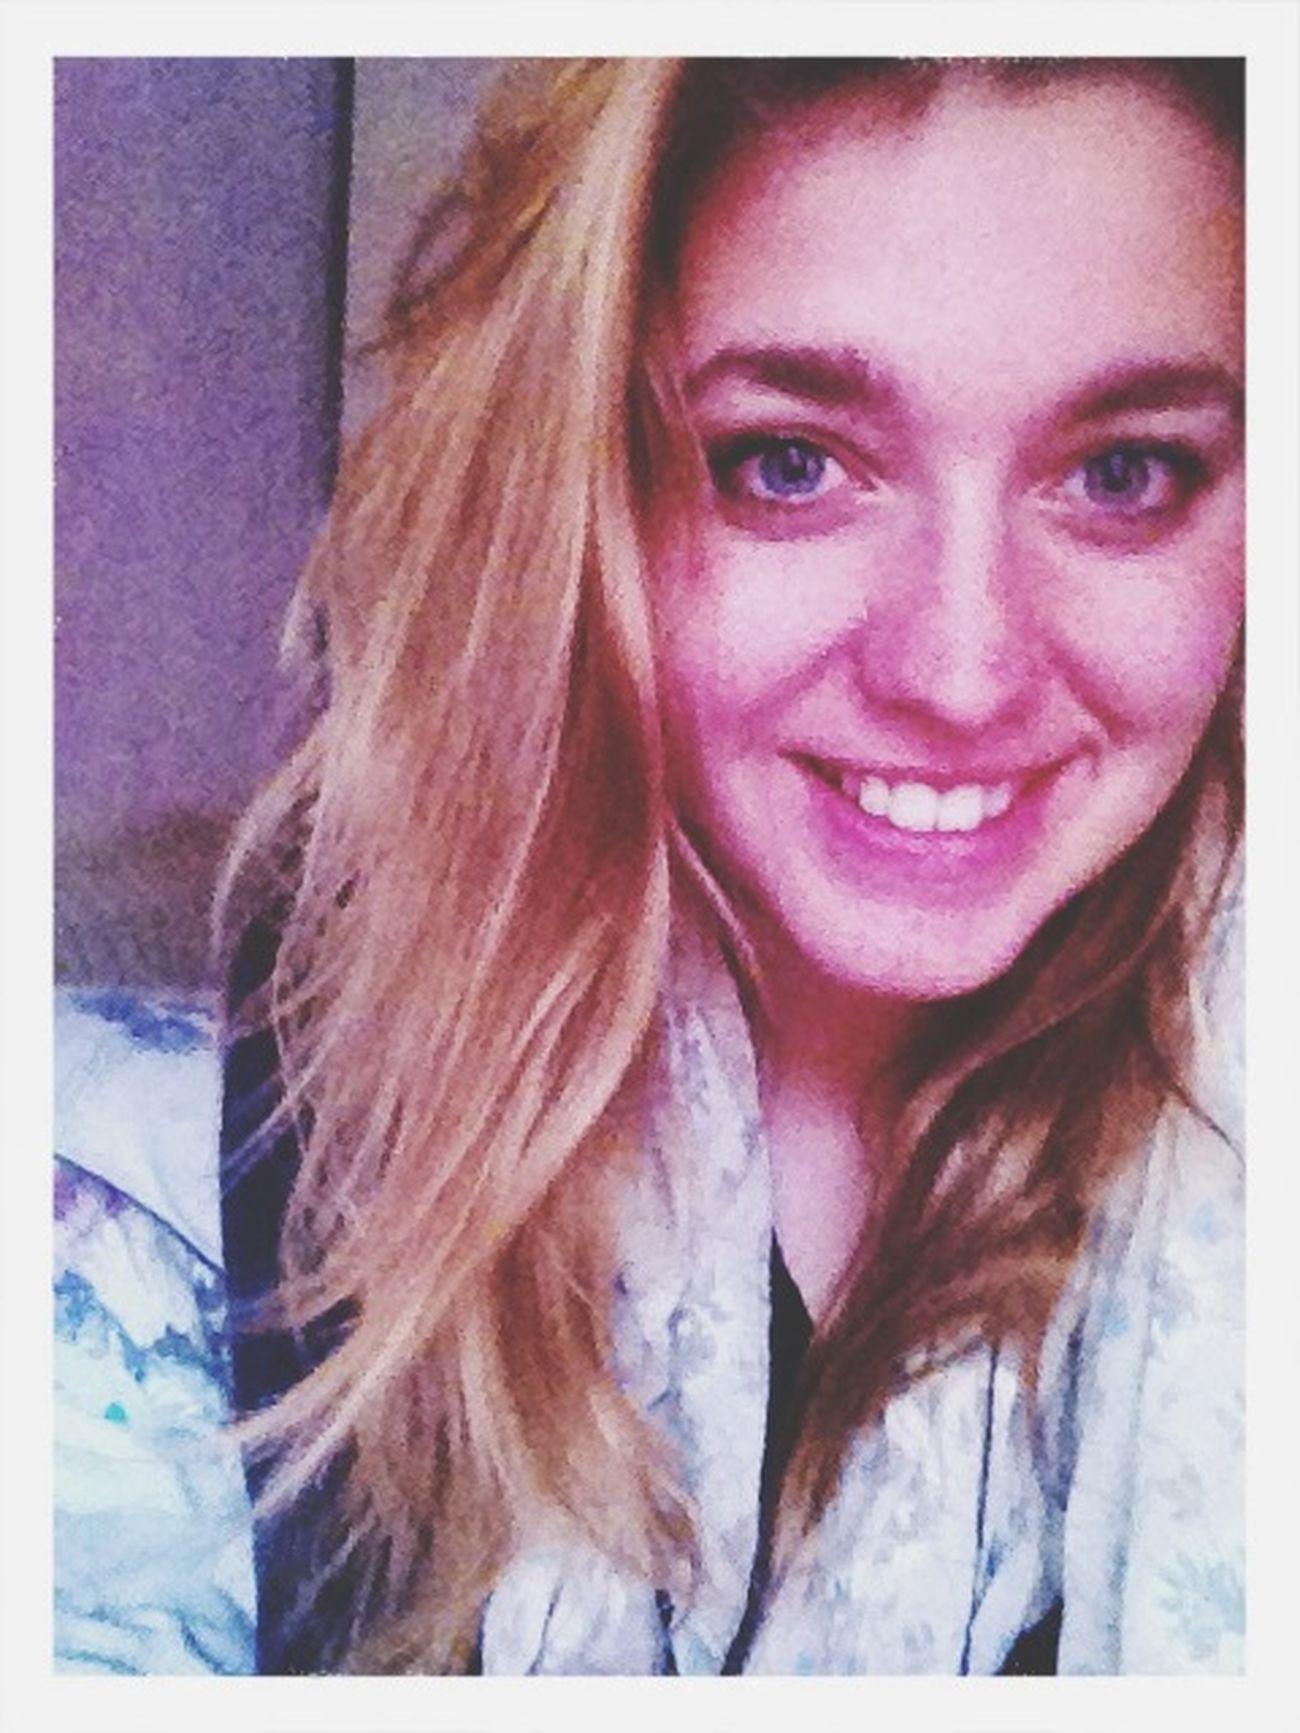 Cheese ♥ Smile ✌ Happy ❤️